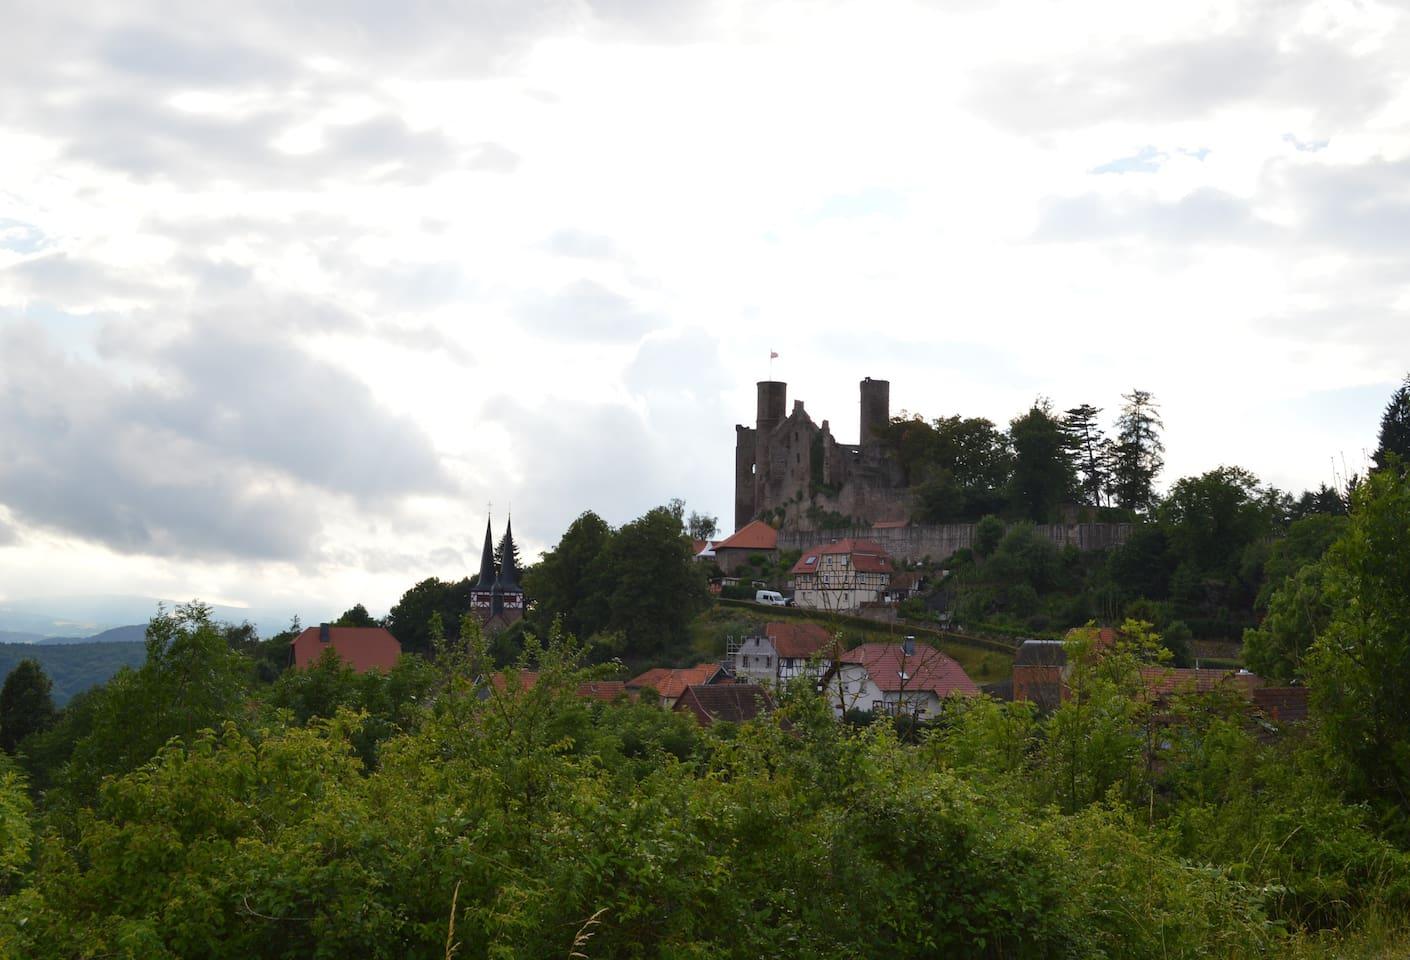 unterhalb der Burg Hanstein